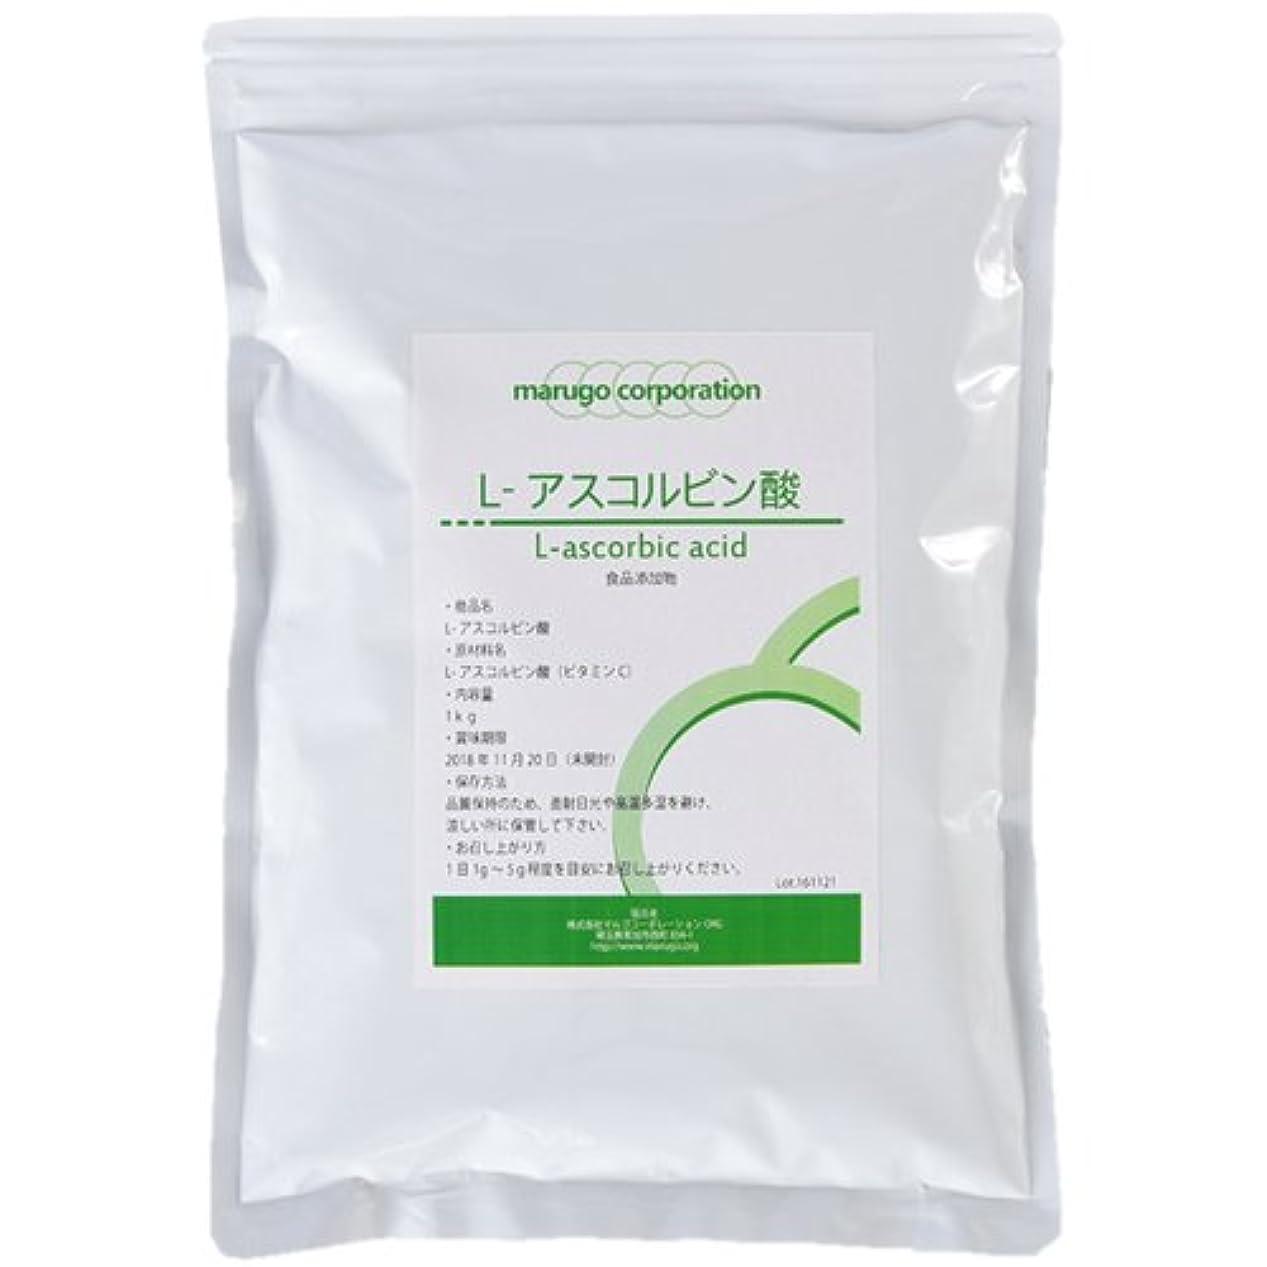 ペレグリネーションスティック保持するmarugo(マルゴ) ビタミンC 粉末 サプリメント (1kg + 計量スプーン付き) L-アスコルビン酸 食品添加物グレード